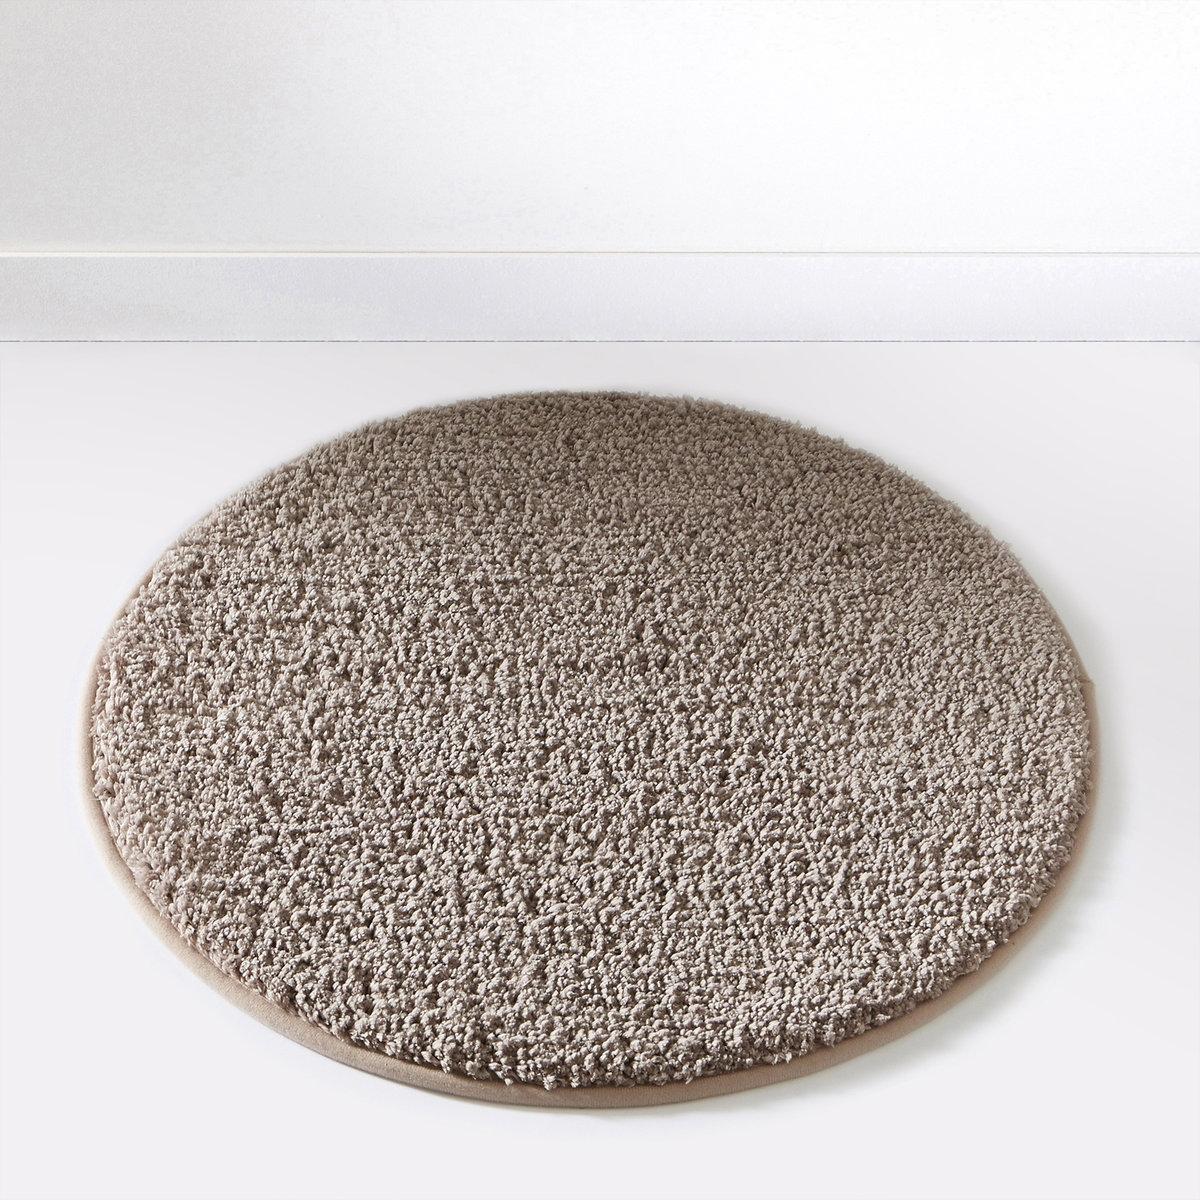 Коврик для ванной SCENARIOОчень удобный толстый коврик для использования рядом с душем или ванной, великолепное качество от Sc?nario, - это гарантия удовольствия, которое останется с вами надолго. Состав коврика для ванной Scenario:Пушистая одноцветная микрофибра, 1500 г/м2.100% полиэстера.Диаметр коврика для ванной Scenario:60 см, 7 цветов: бежевый / белый / голубой / темно-серый / черный / зеленый анисовый / фиолетовый сливовый.<br><br>Цвет: белый,голубой бирюзовый,зеленый анис,серо-бежевый,темно-серый,черный<br>Размер: единый размер.единый размер